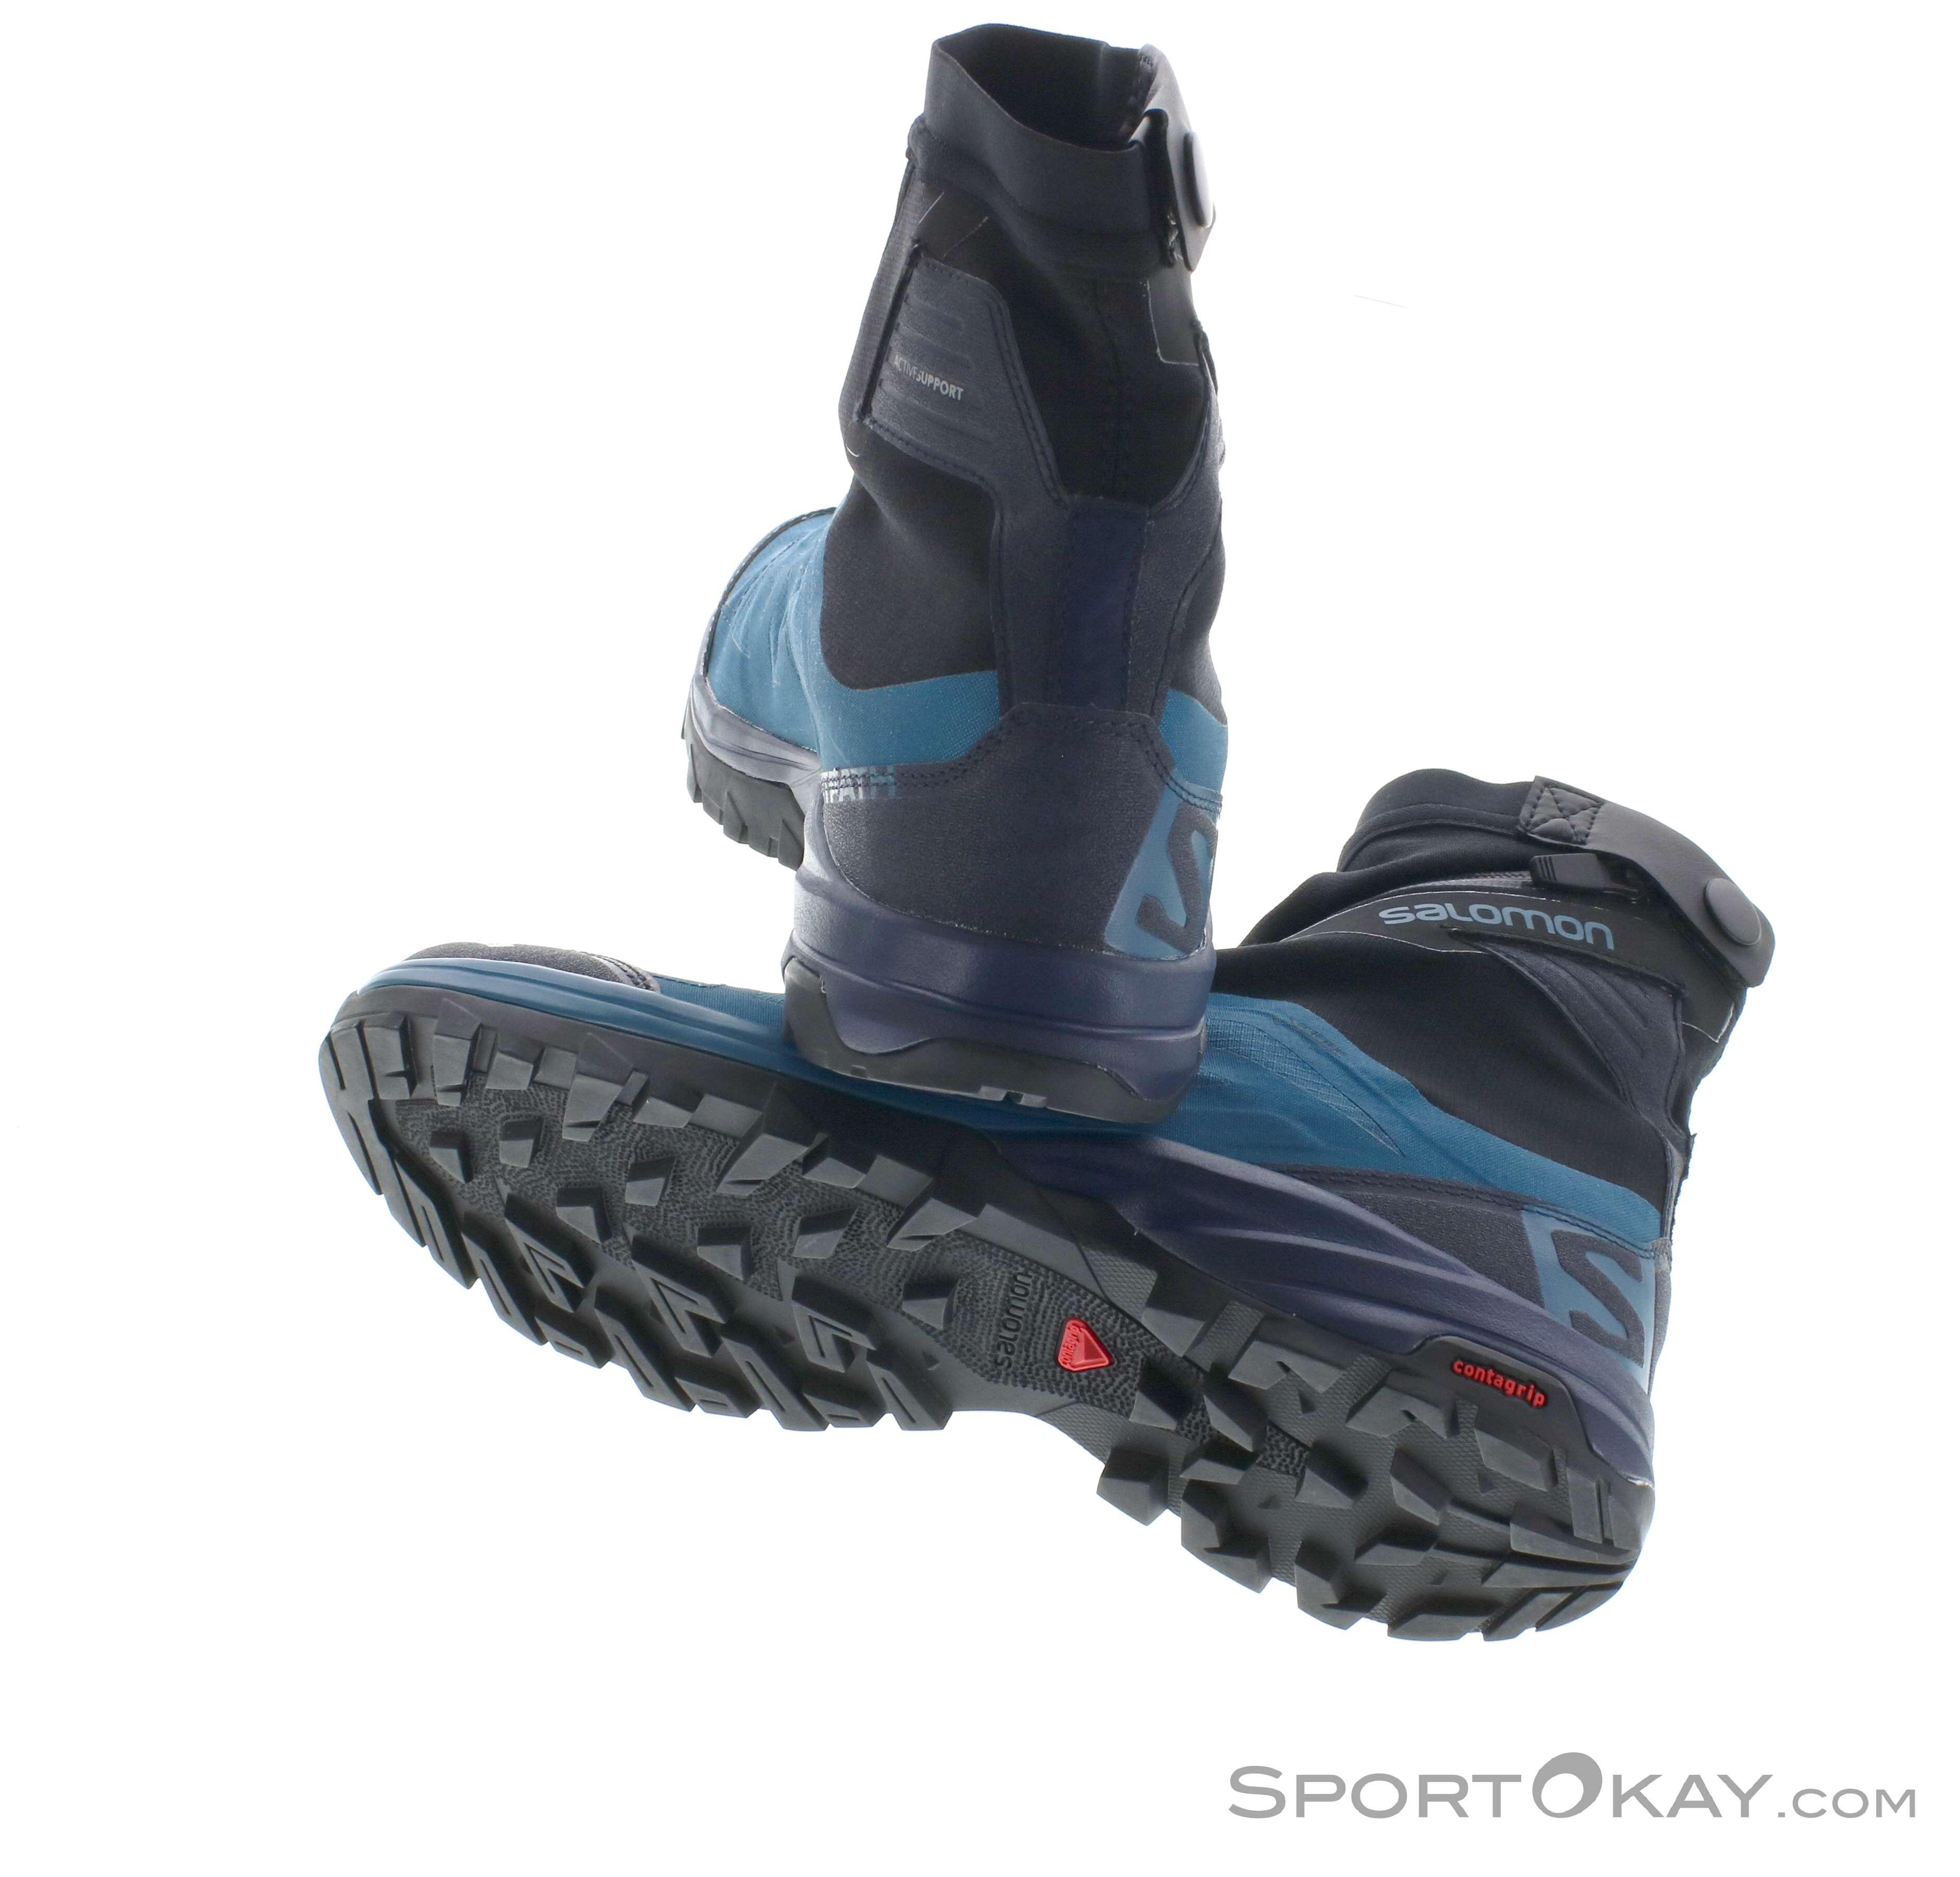 5b77d2731b0 Salomon Salomon Outpath Pro GTX Mens Trail Running Boots Gore-Tex